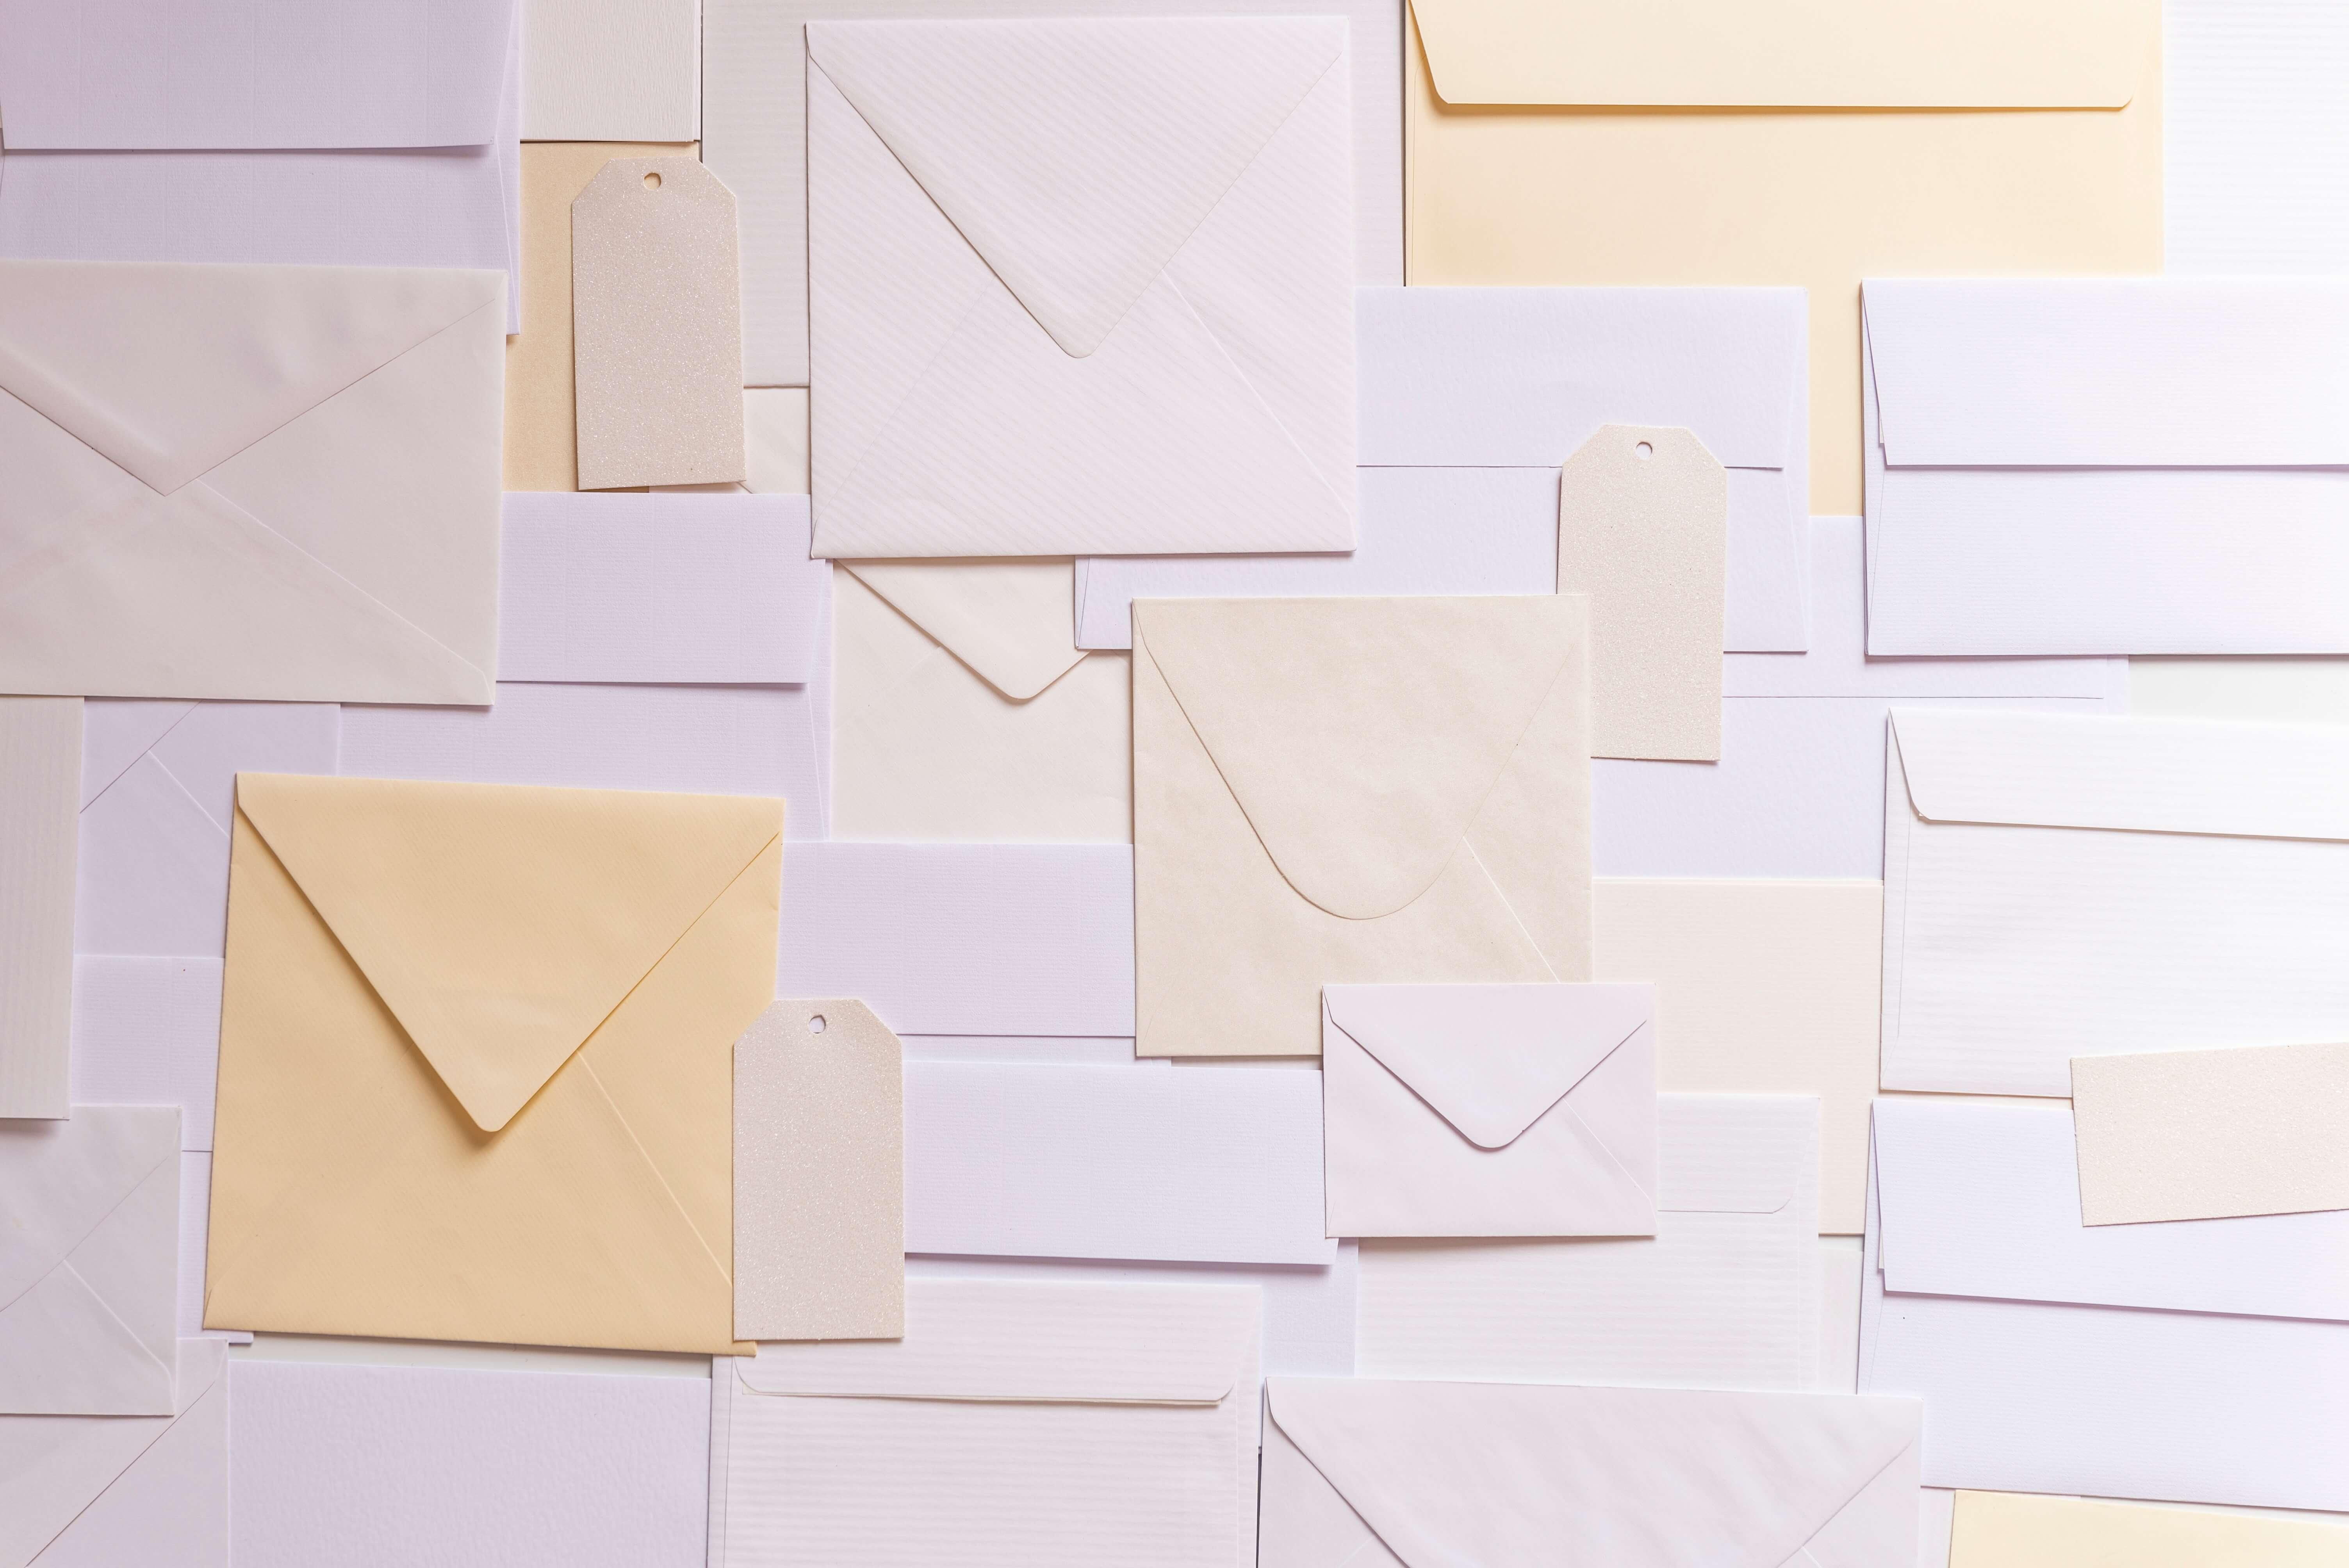 レビュー:封筒とマジック